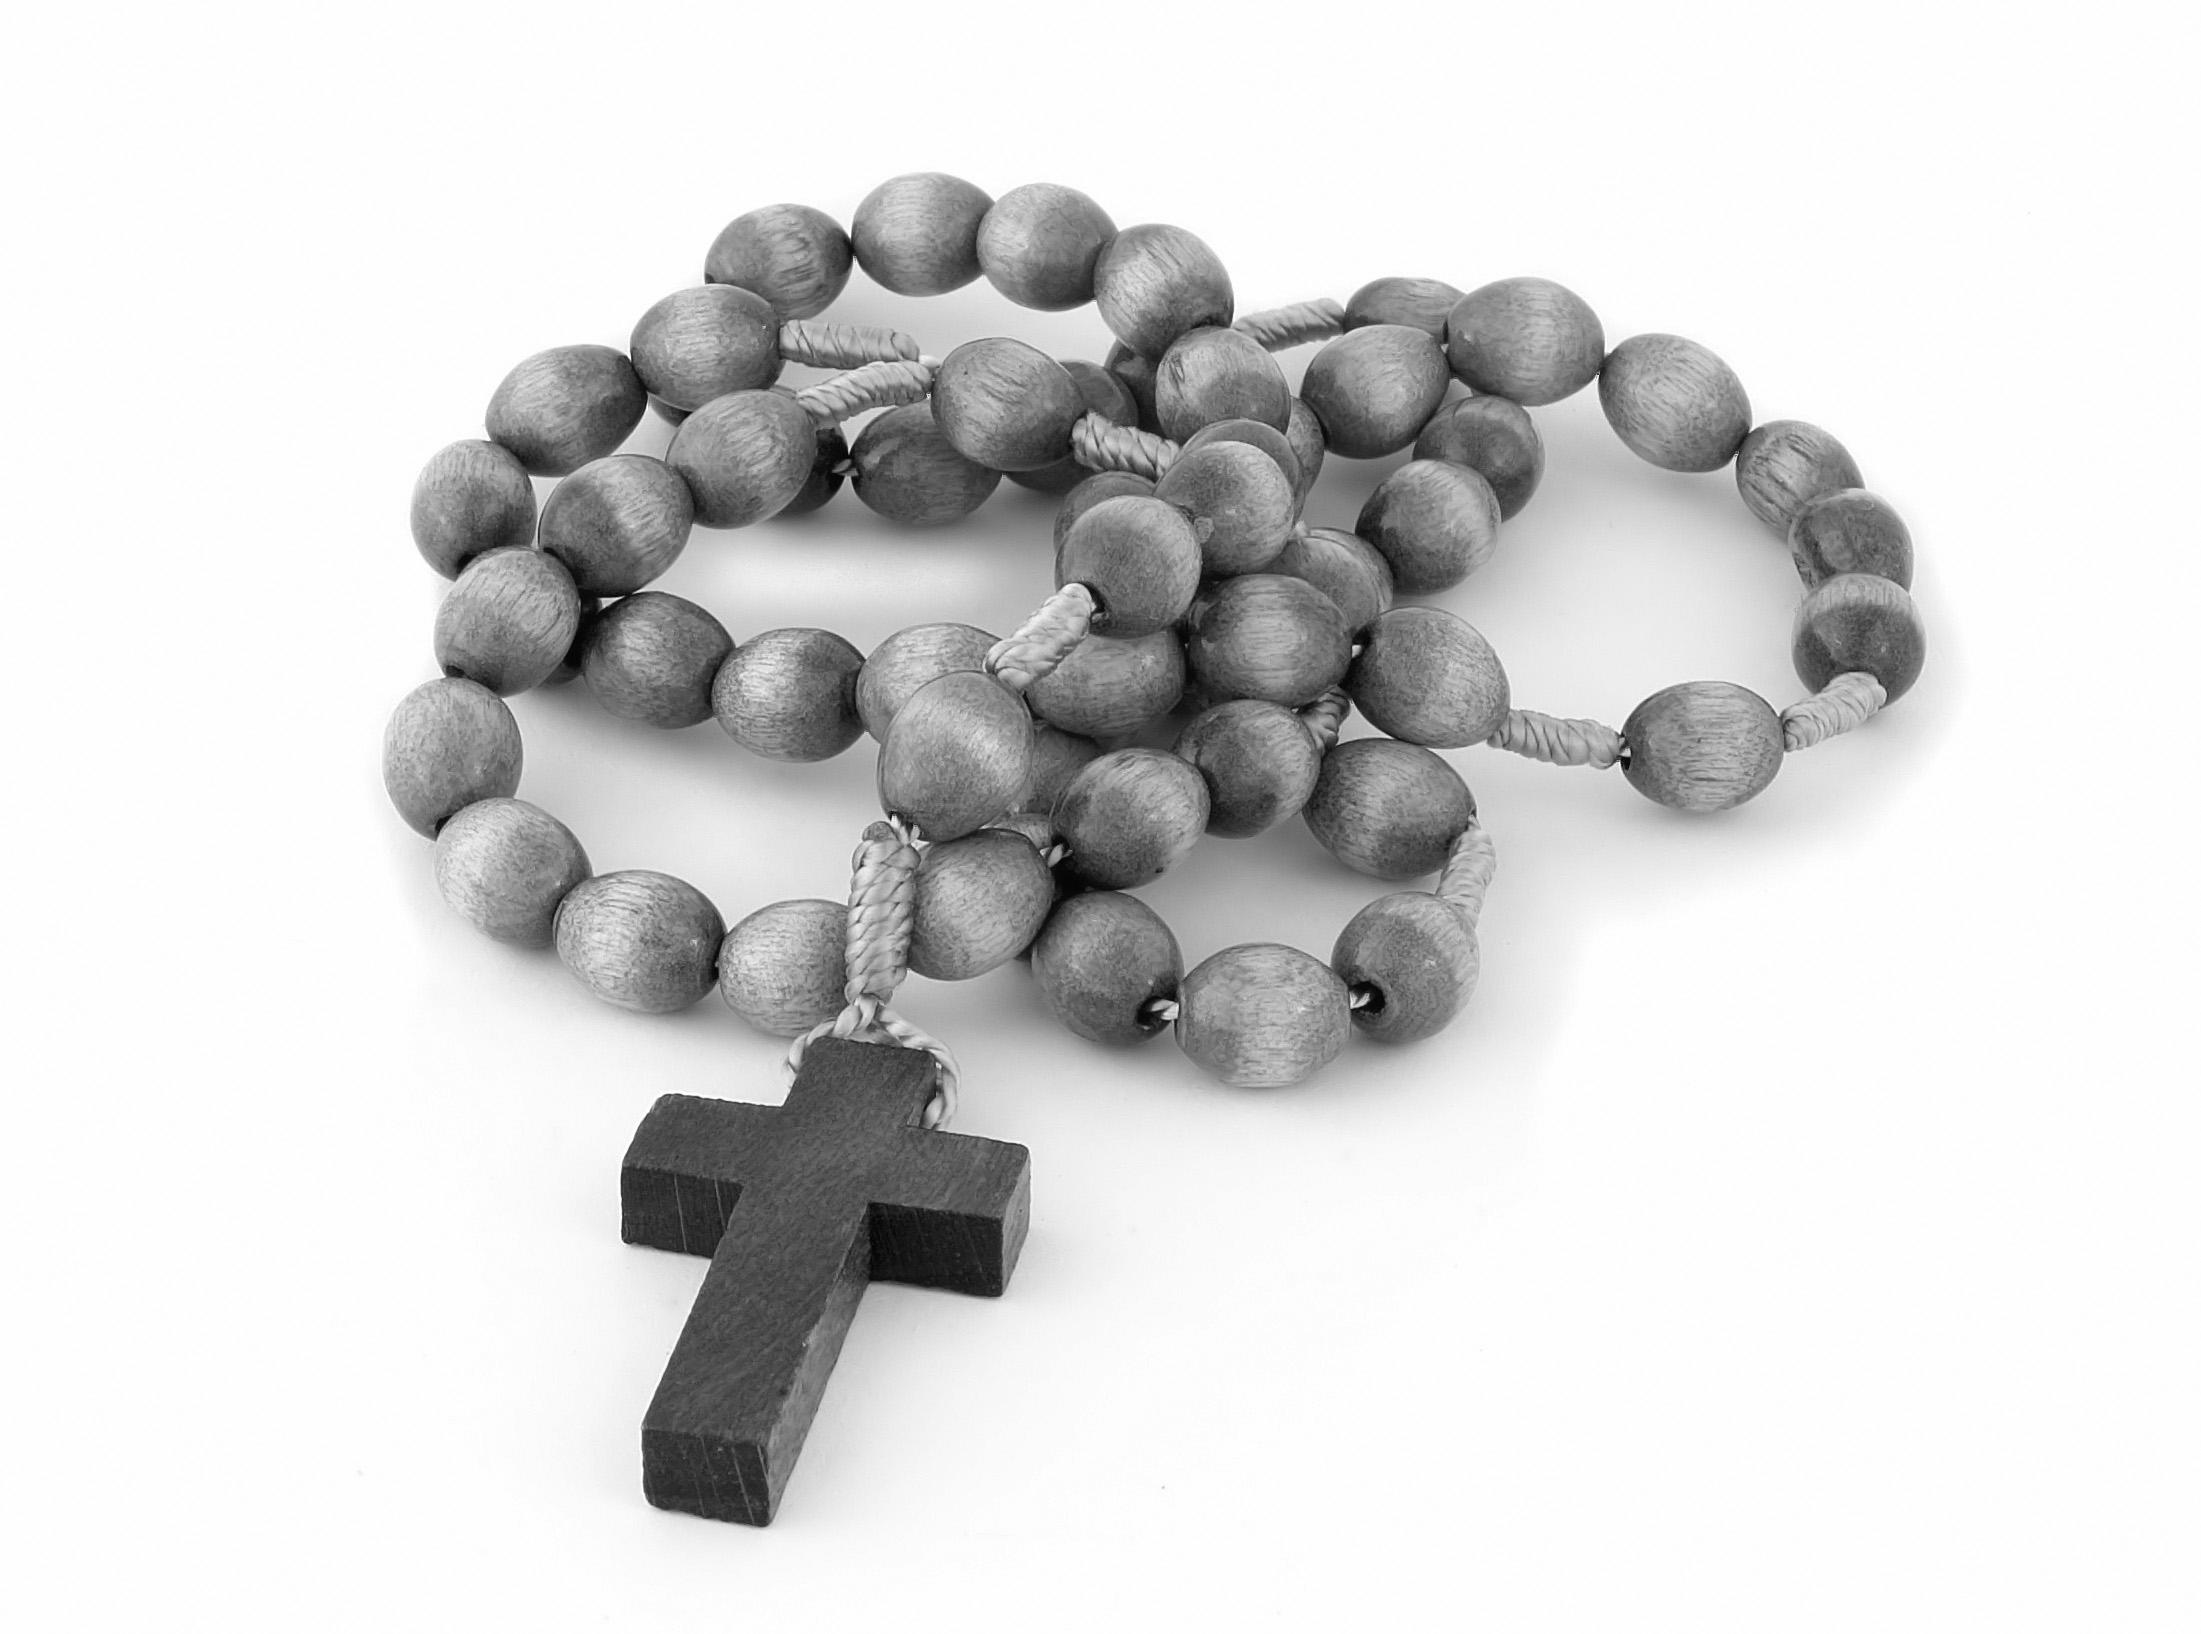 Stop Apologizing for Your Catholic Faith